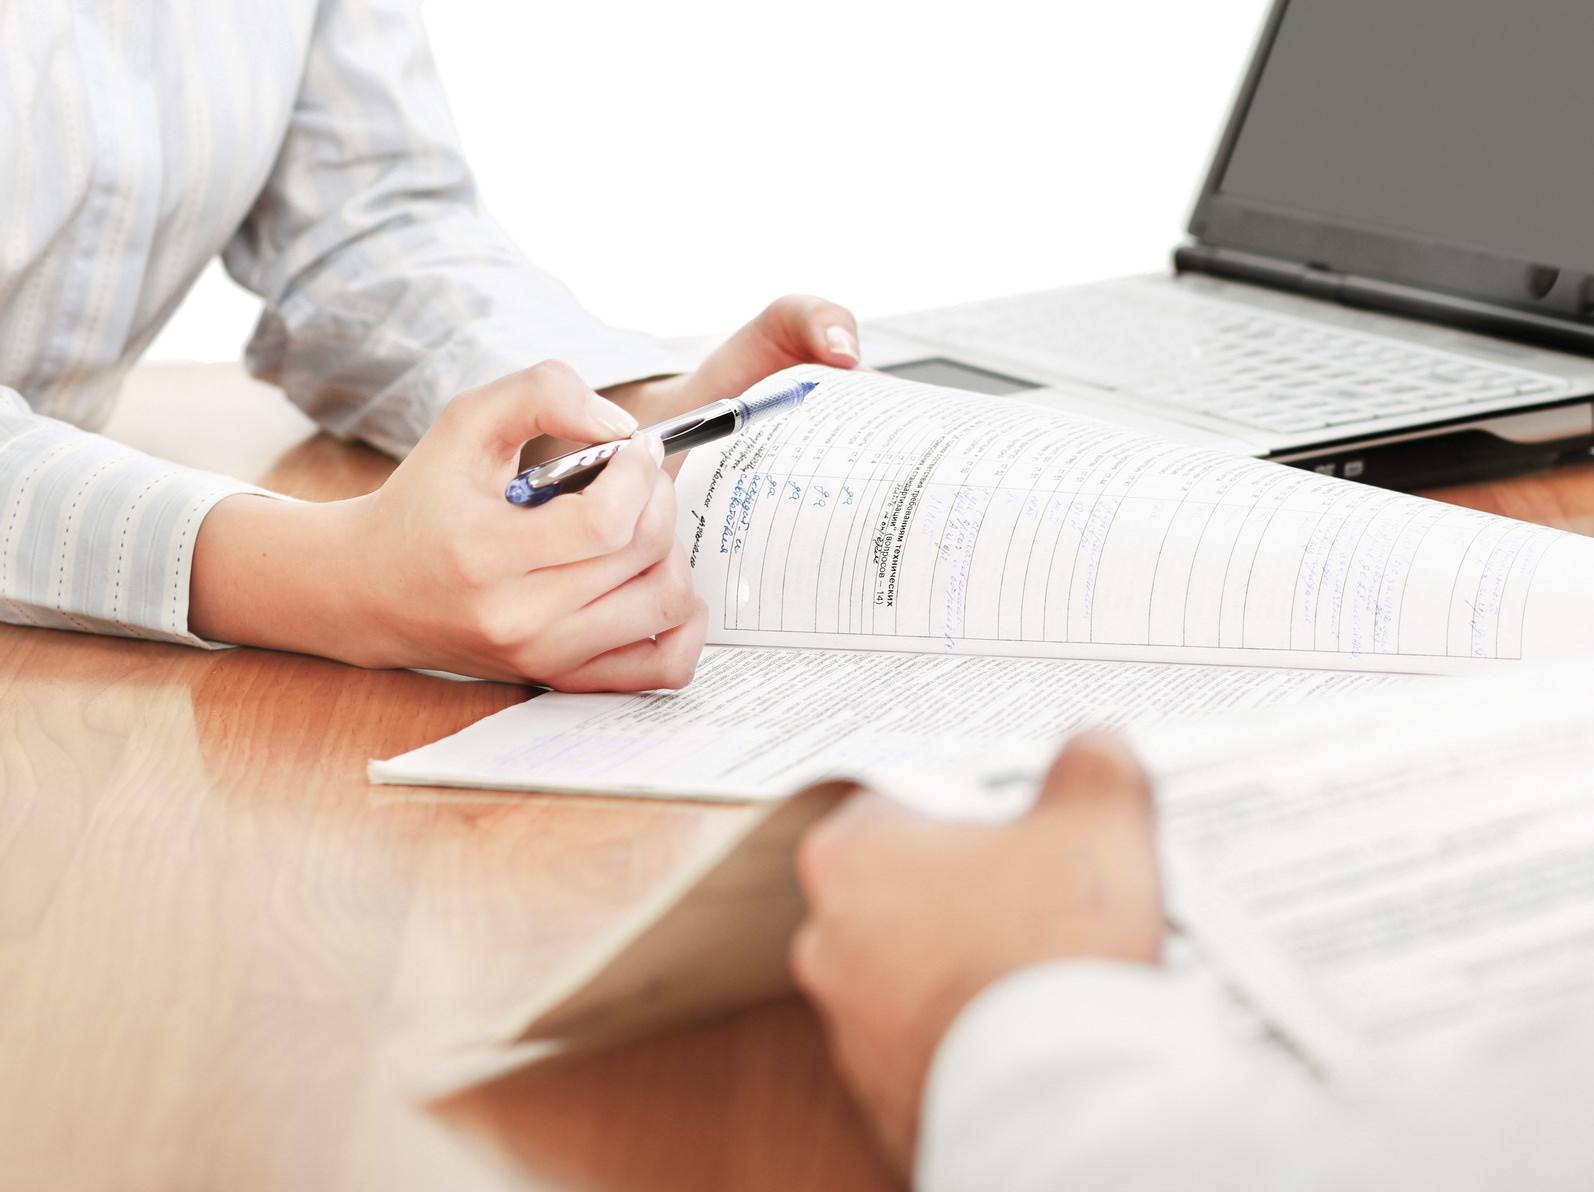 Документы на развод: как и куда подаются (фото: lenets_tan - Fotolia.com).